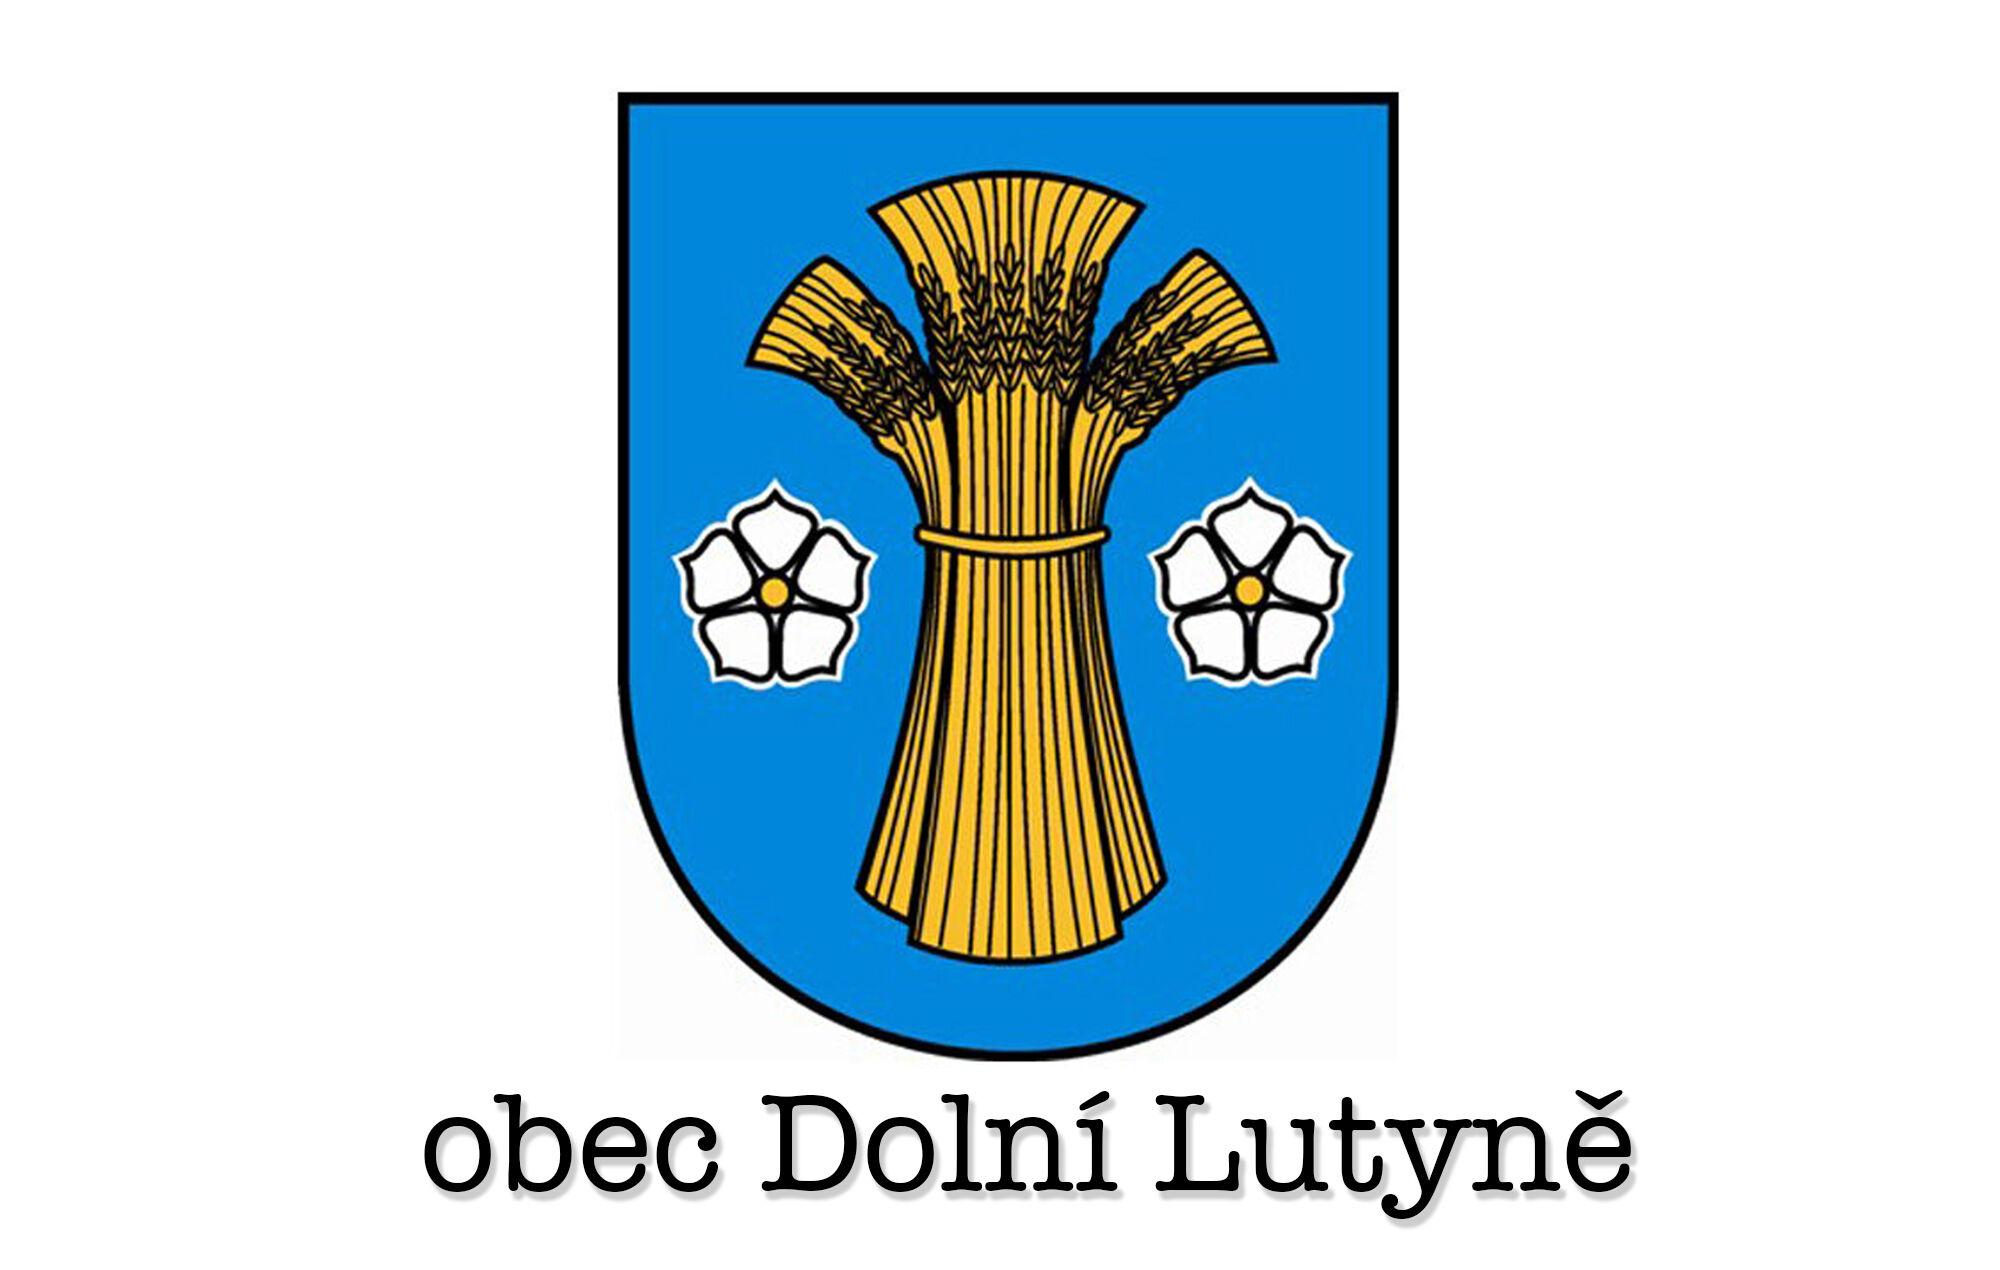 Obec Dolní Lutyně